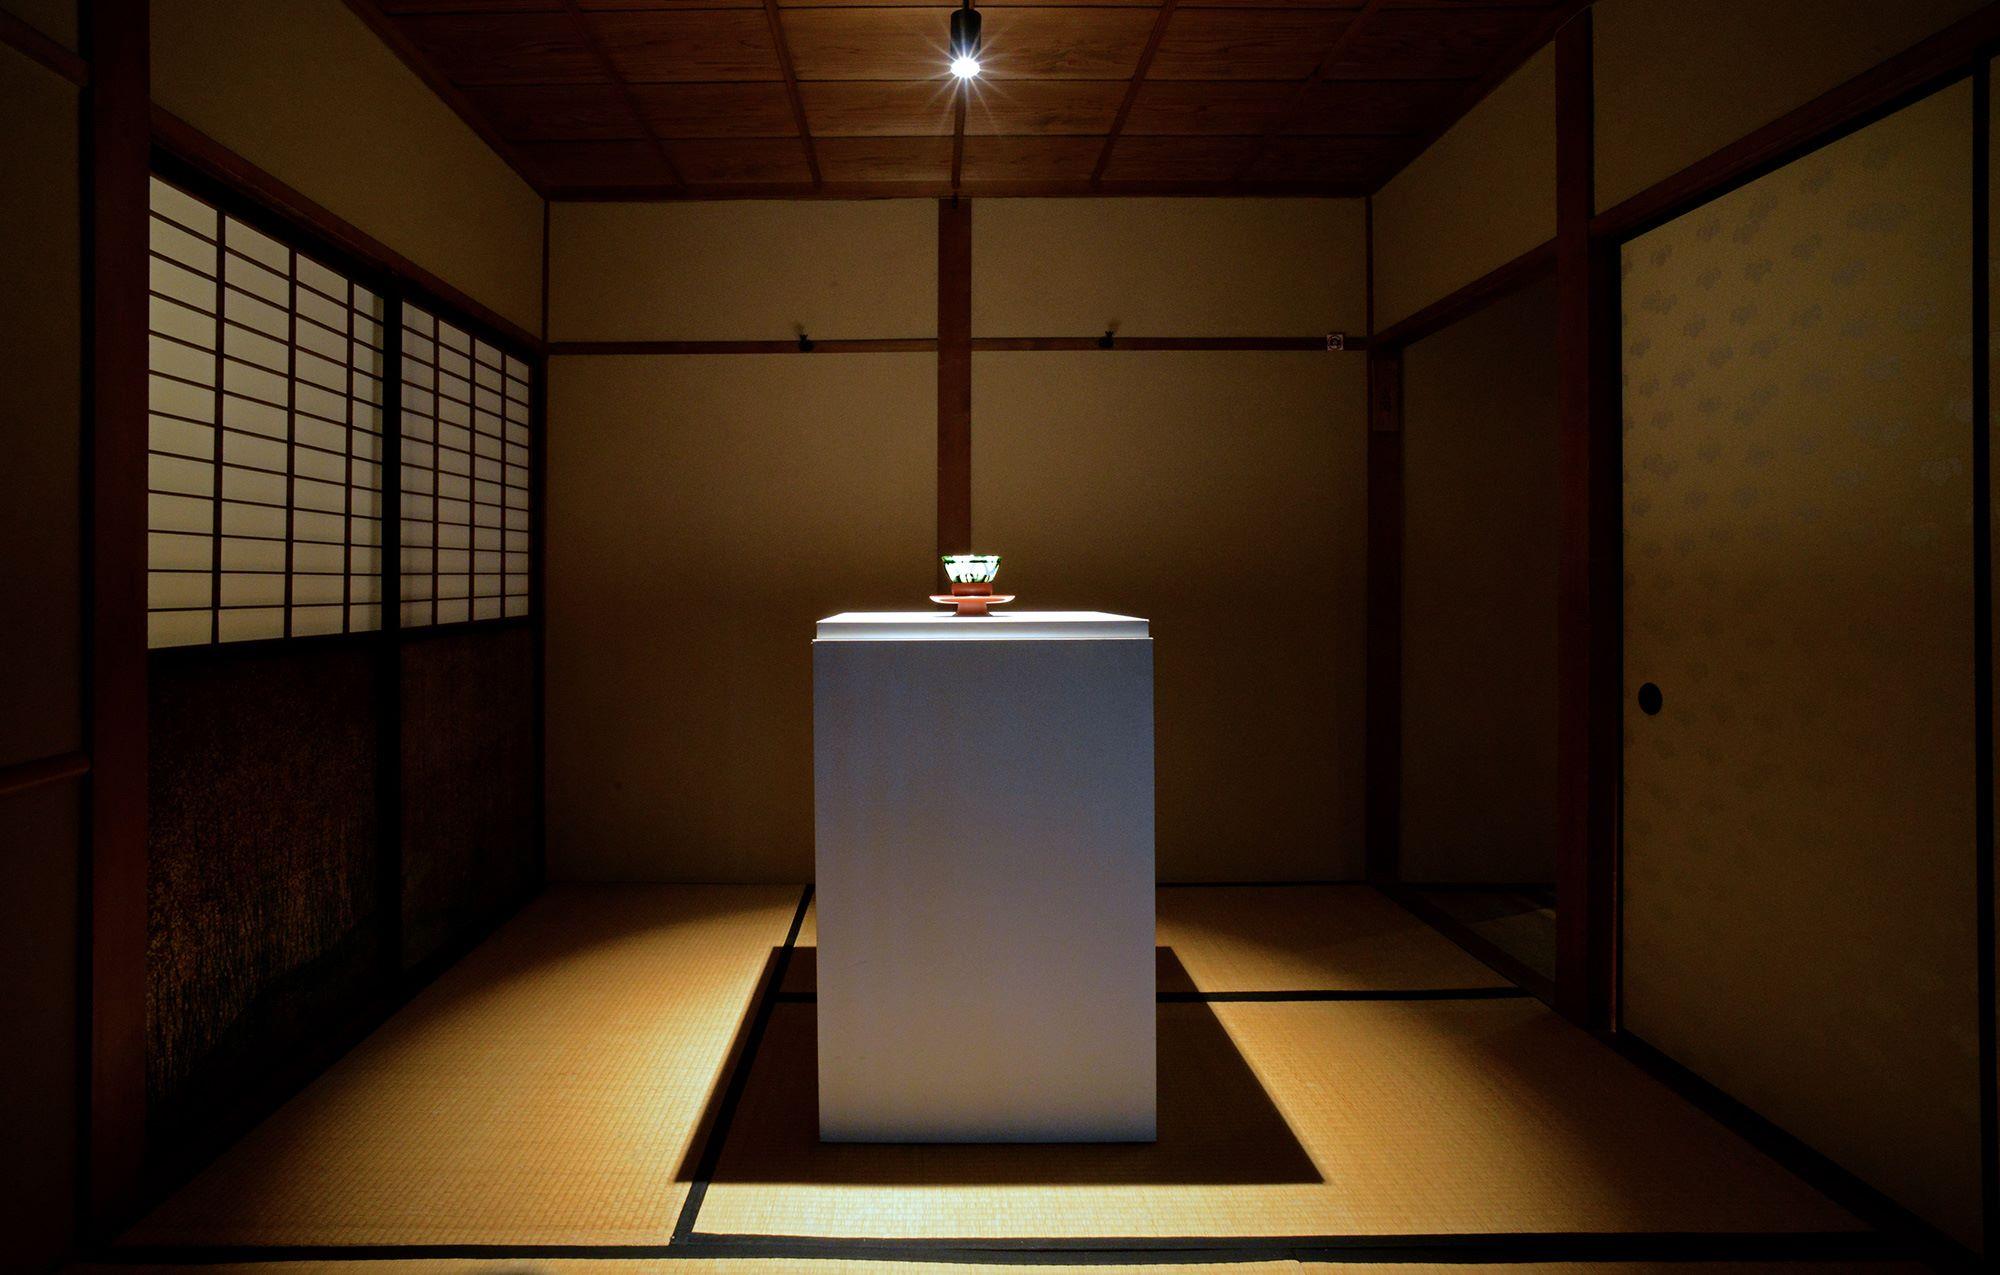 「爲三郎記念館 特別展 茶ー祈りと楽しみー」の様子。Photography by ? Furukawa Art Museum